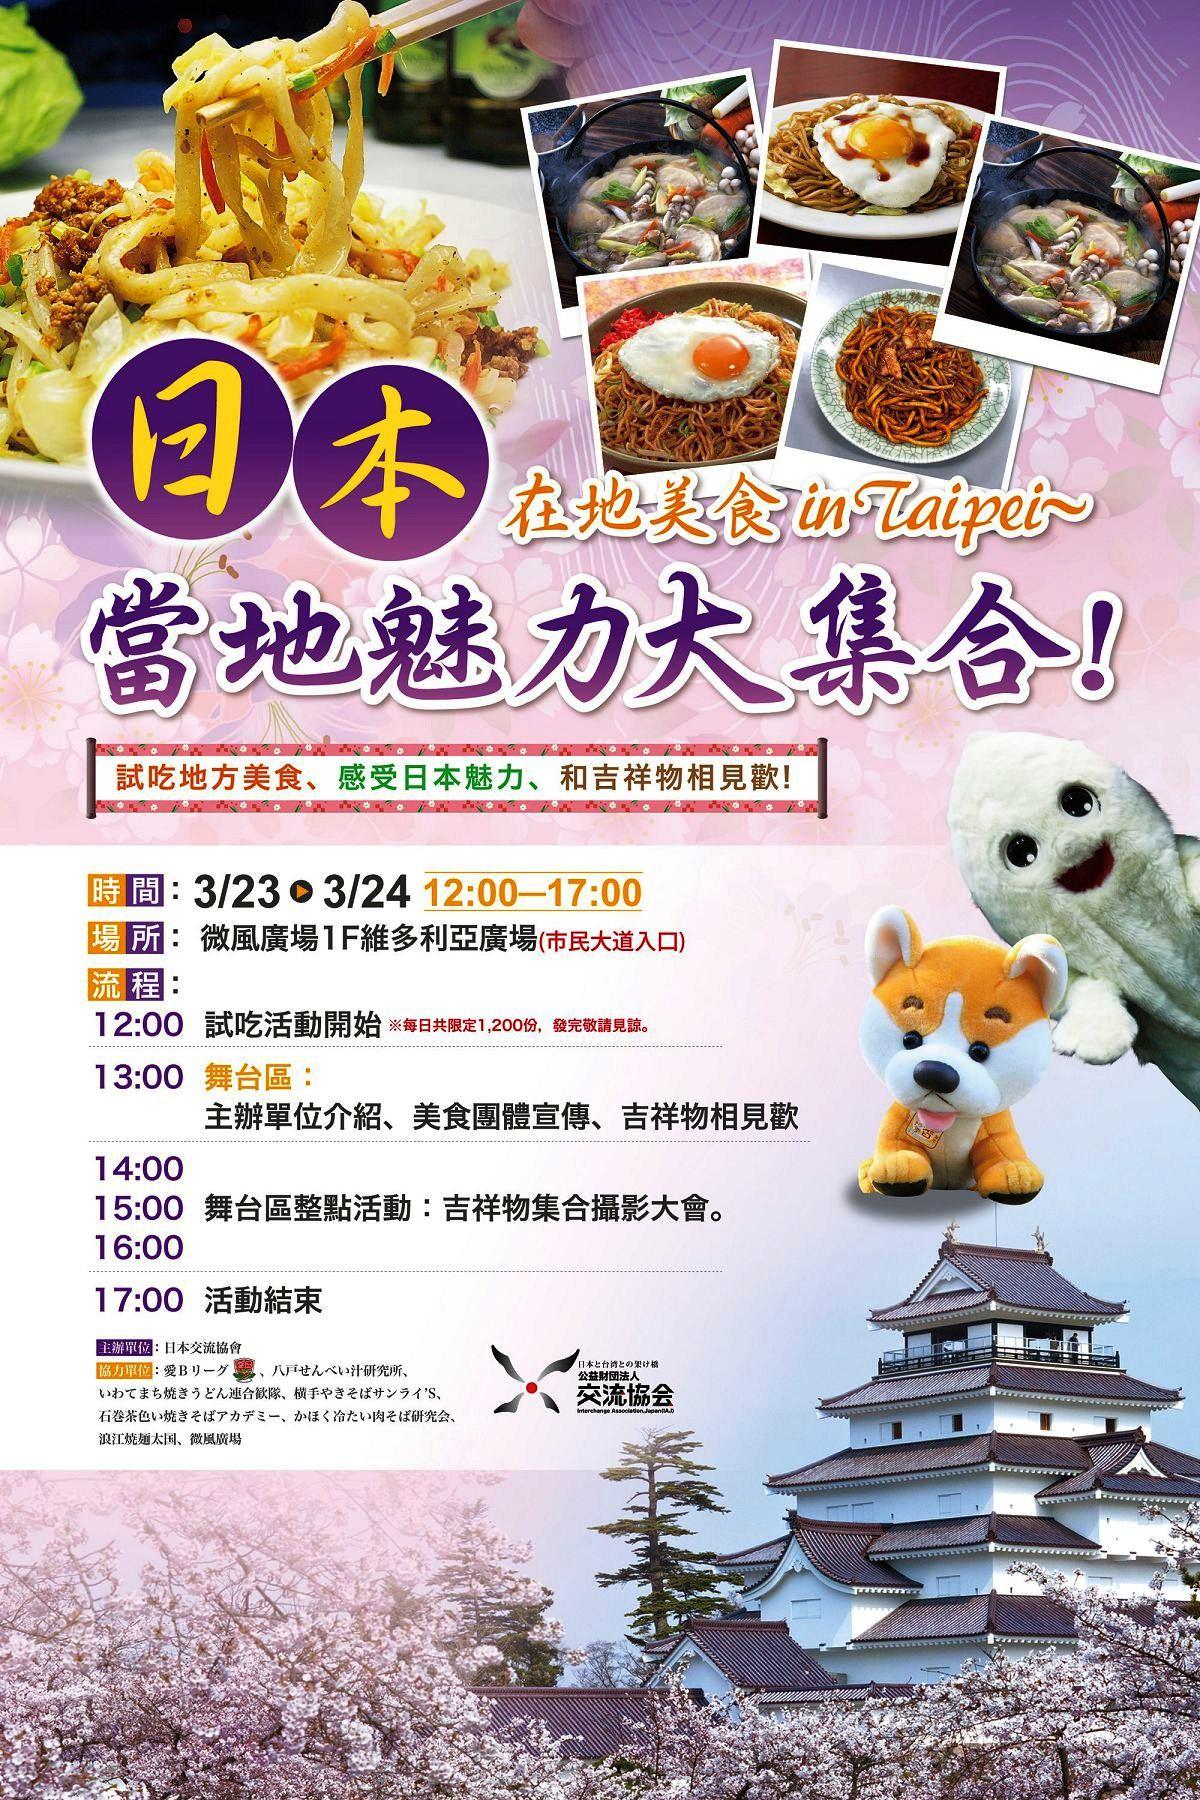 ■ 日本當地魅力大集合∼在地美食in Taipei_e0094583_1028110.jpg